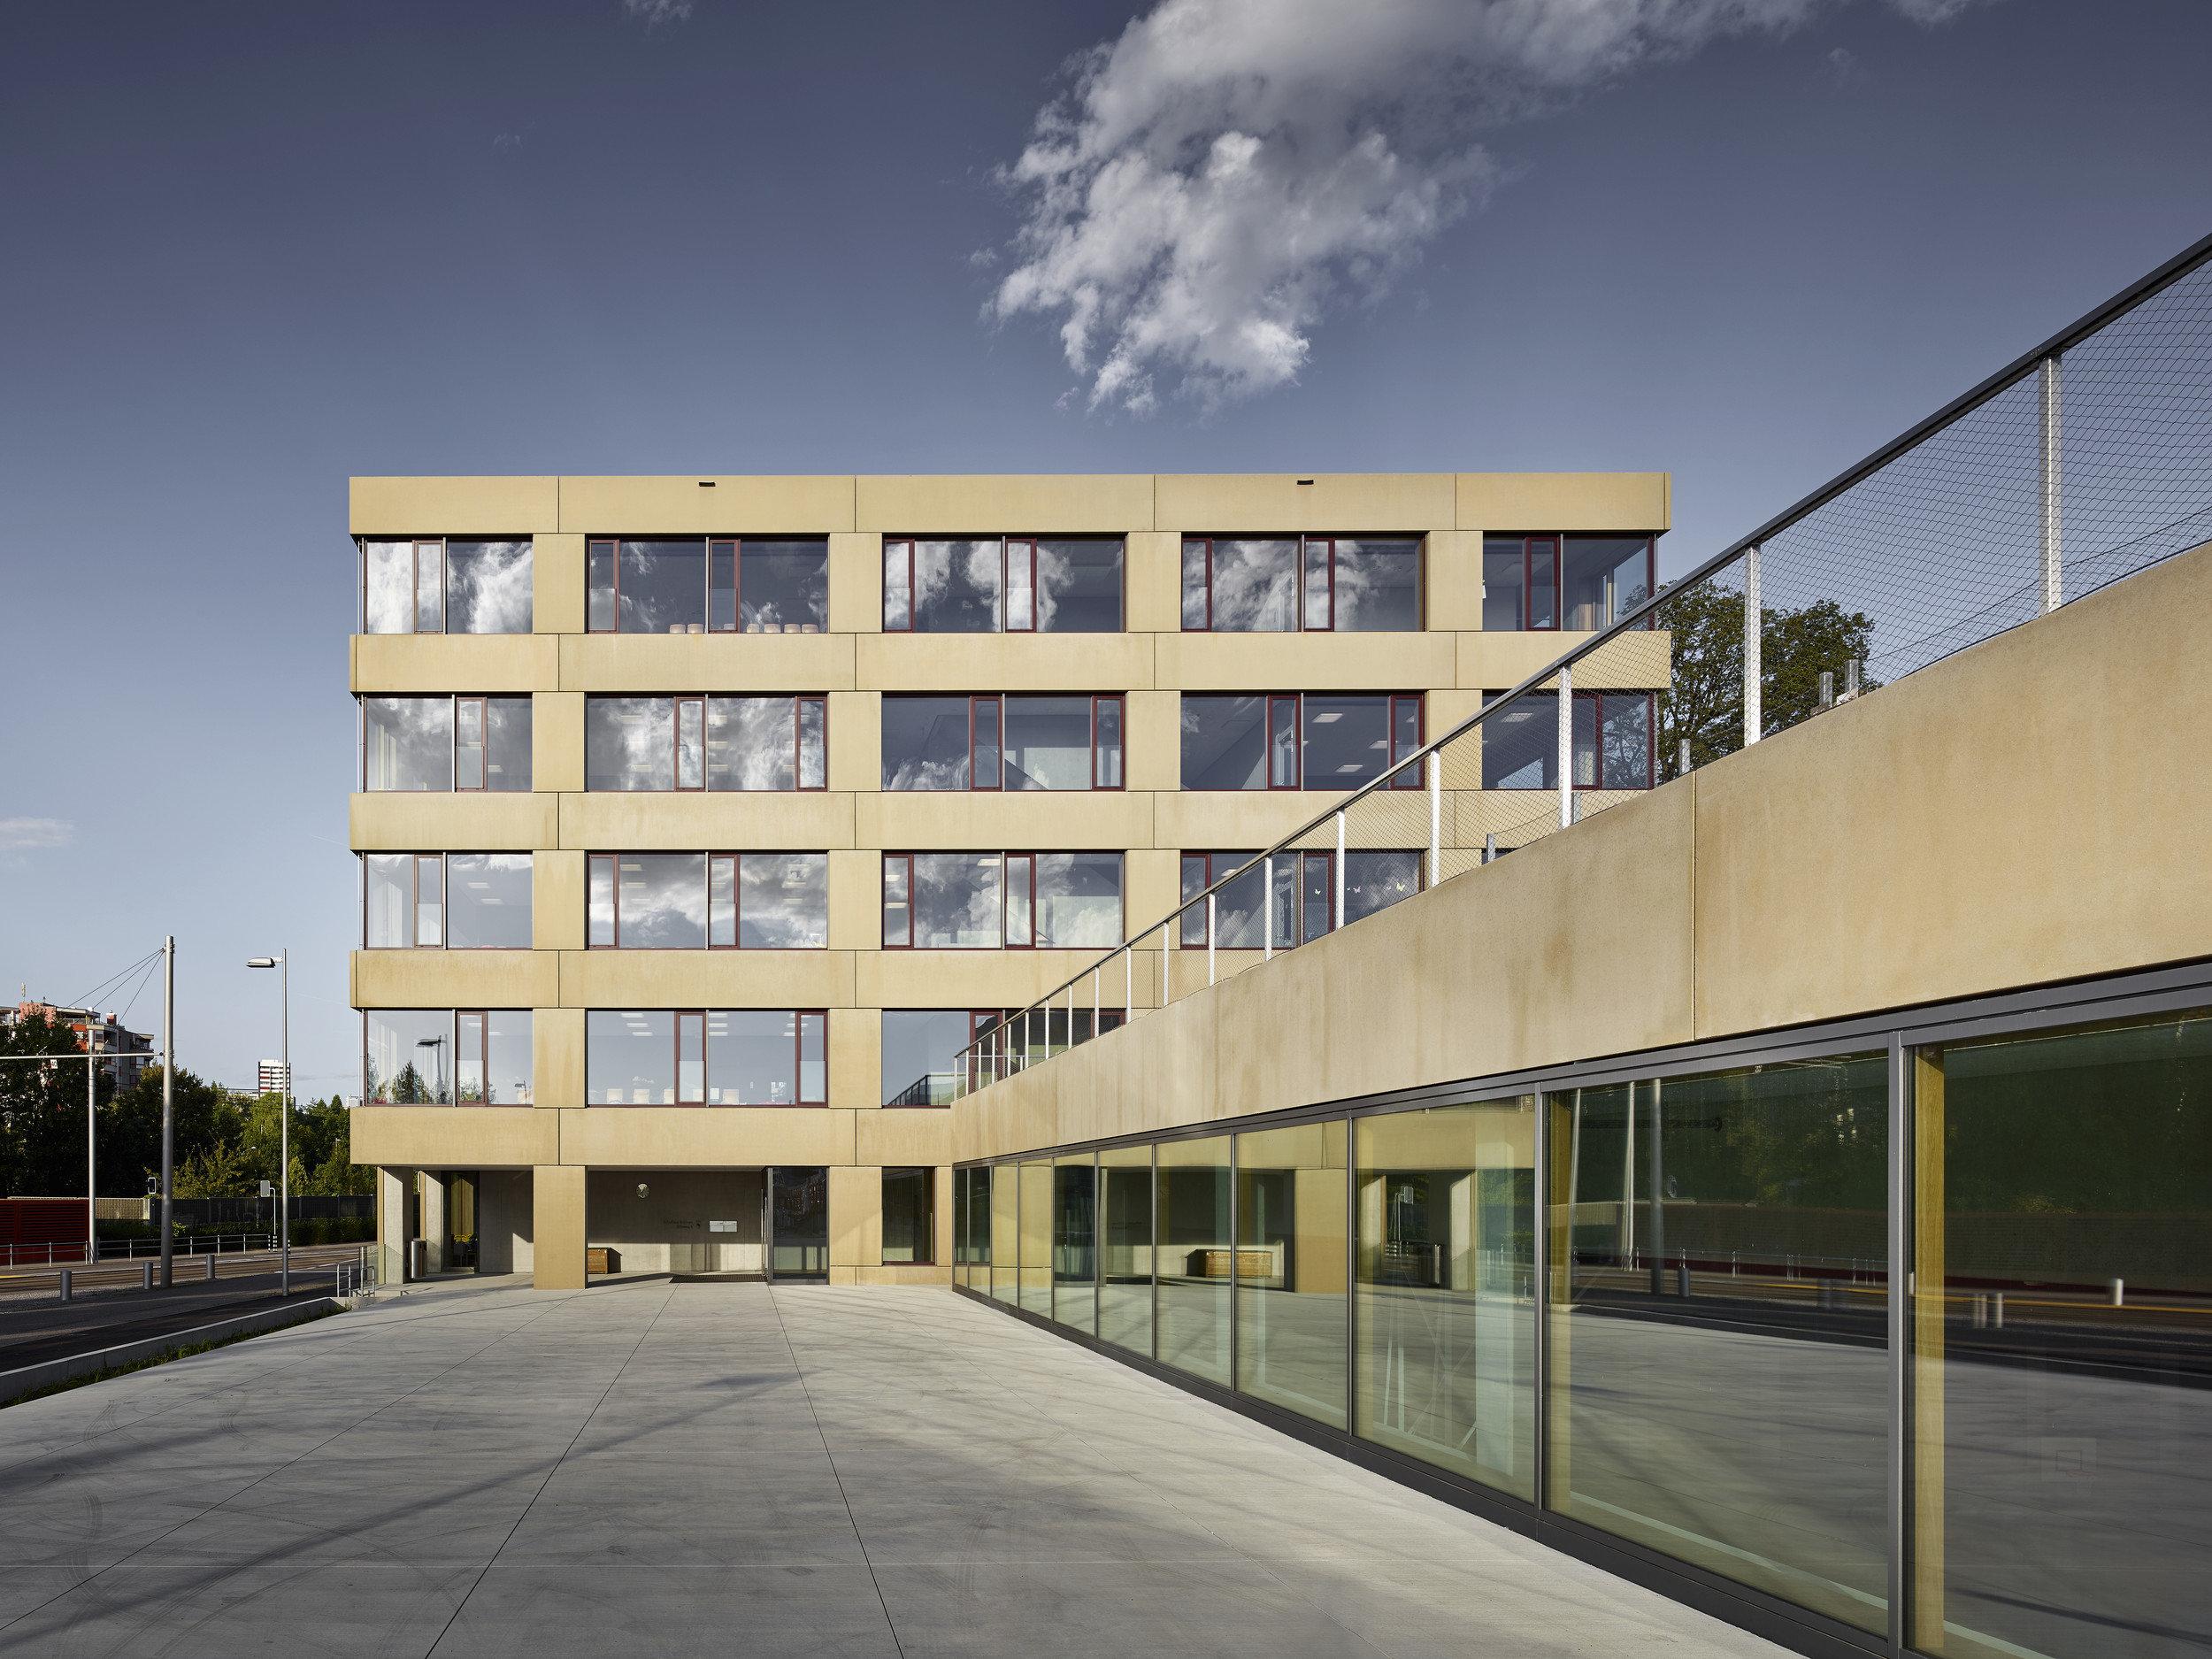 mehrstöckiges Schulhaus mit gleichmässiger Fensterplatzierung